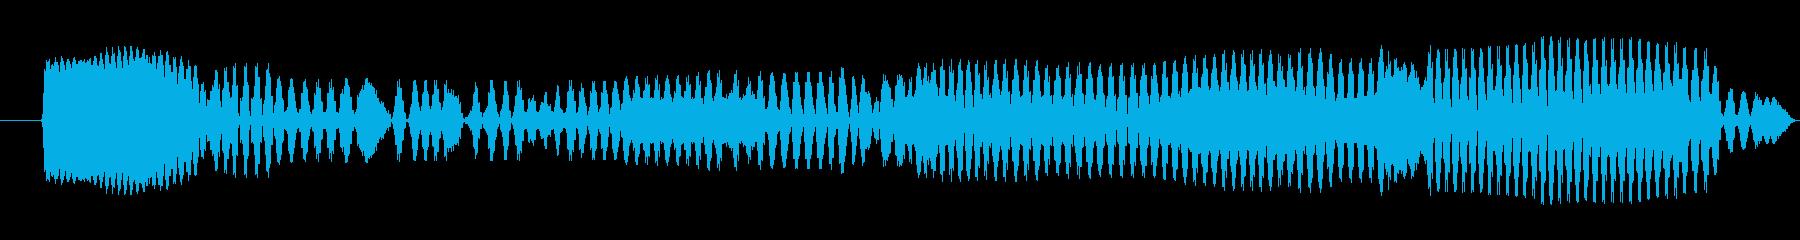 ギュ〜(お腹を下した音)の再生済みの波形